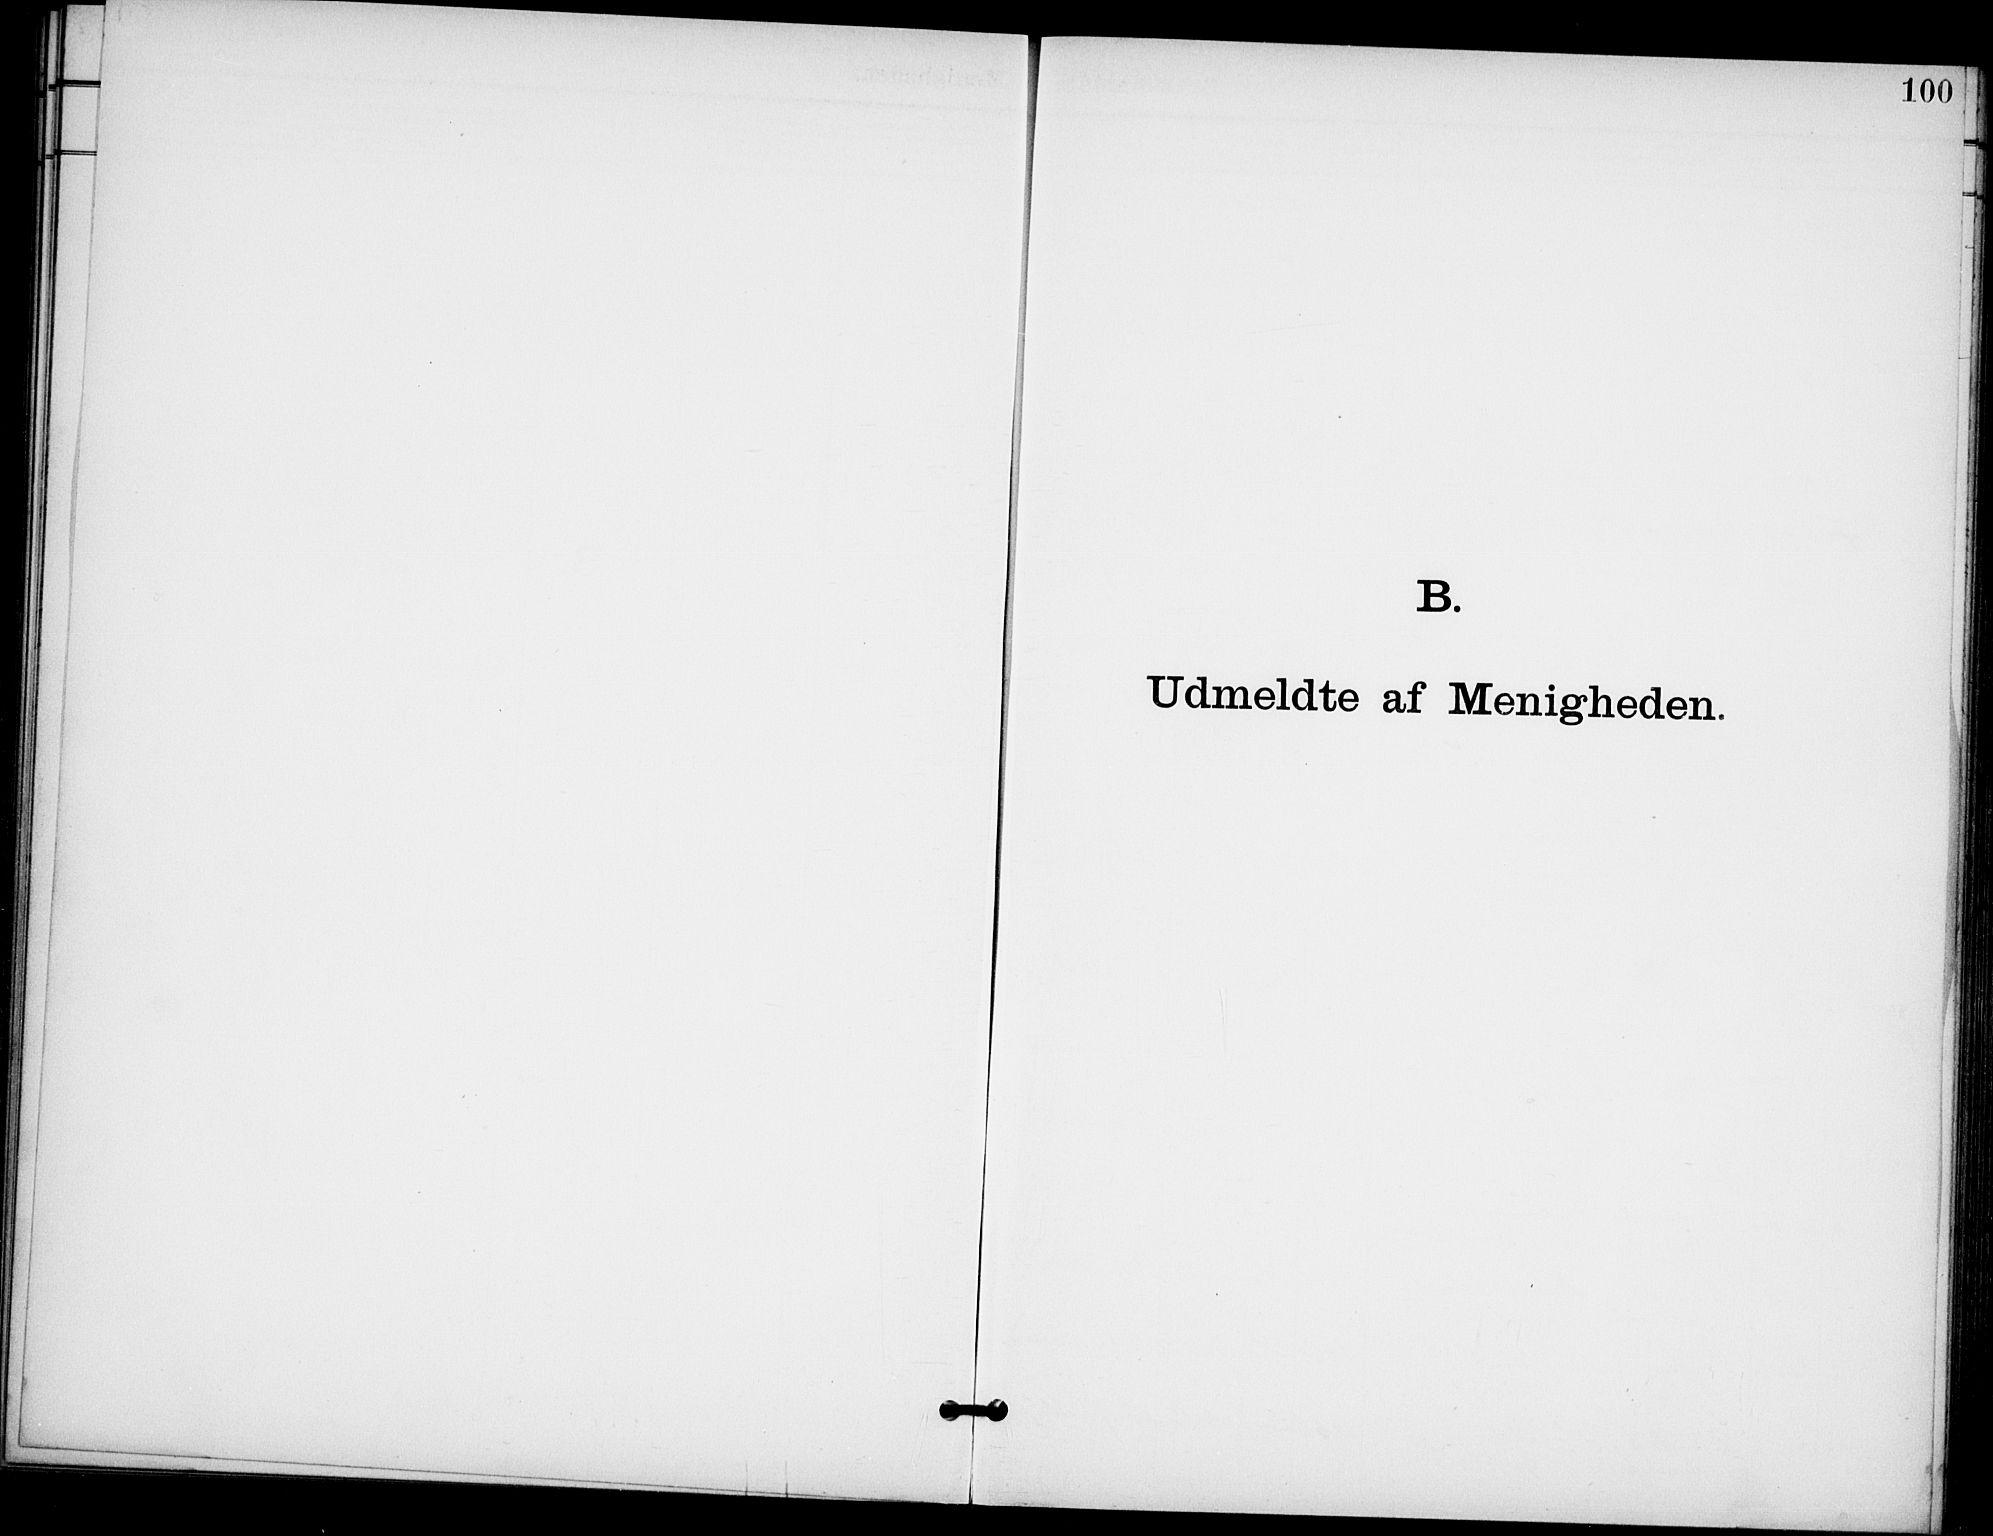 SAO, Broderskapets kirke Oslo , A/L0001: Dissenterprotokoll nr. 1, 1880-1935, s. 100